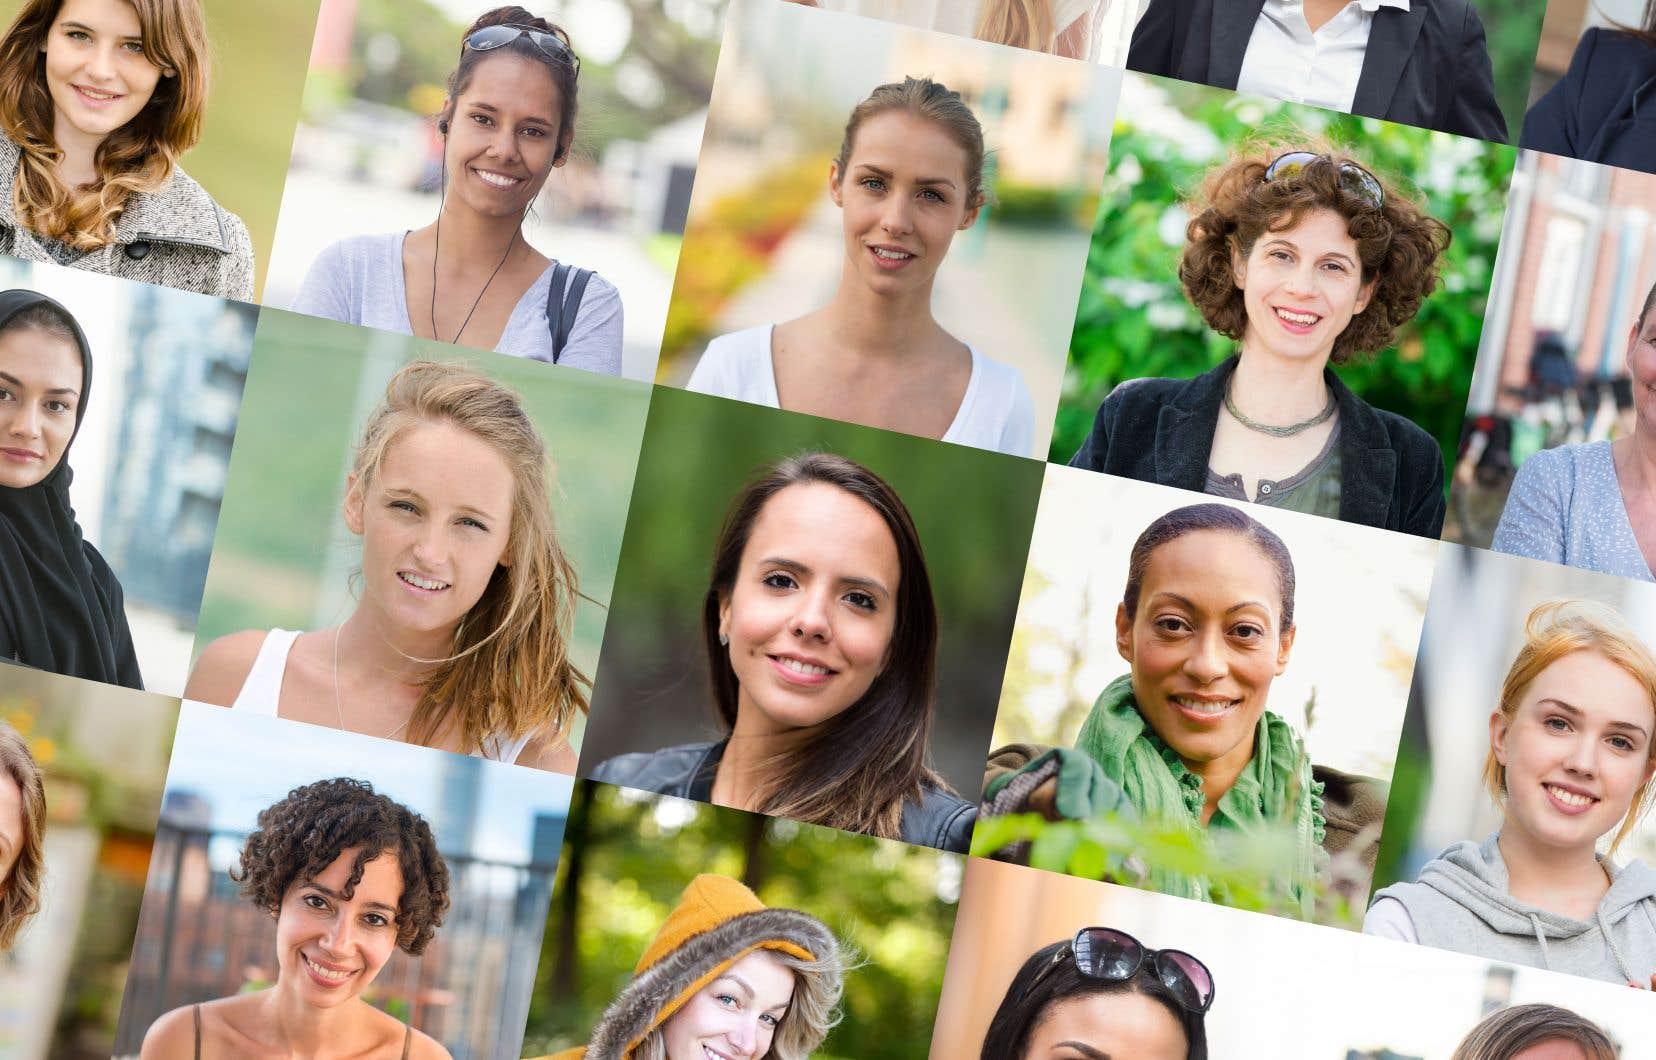 «Un féminisme solidaire reconnaît les particularités des différentes communautés et prend en considération la pluralité des réalités des femmes d'ici et d'ailleurs», affirment les auteures.